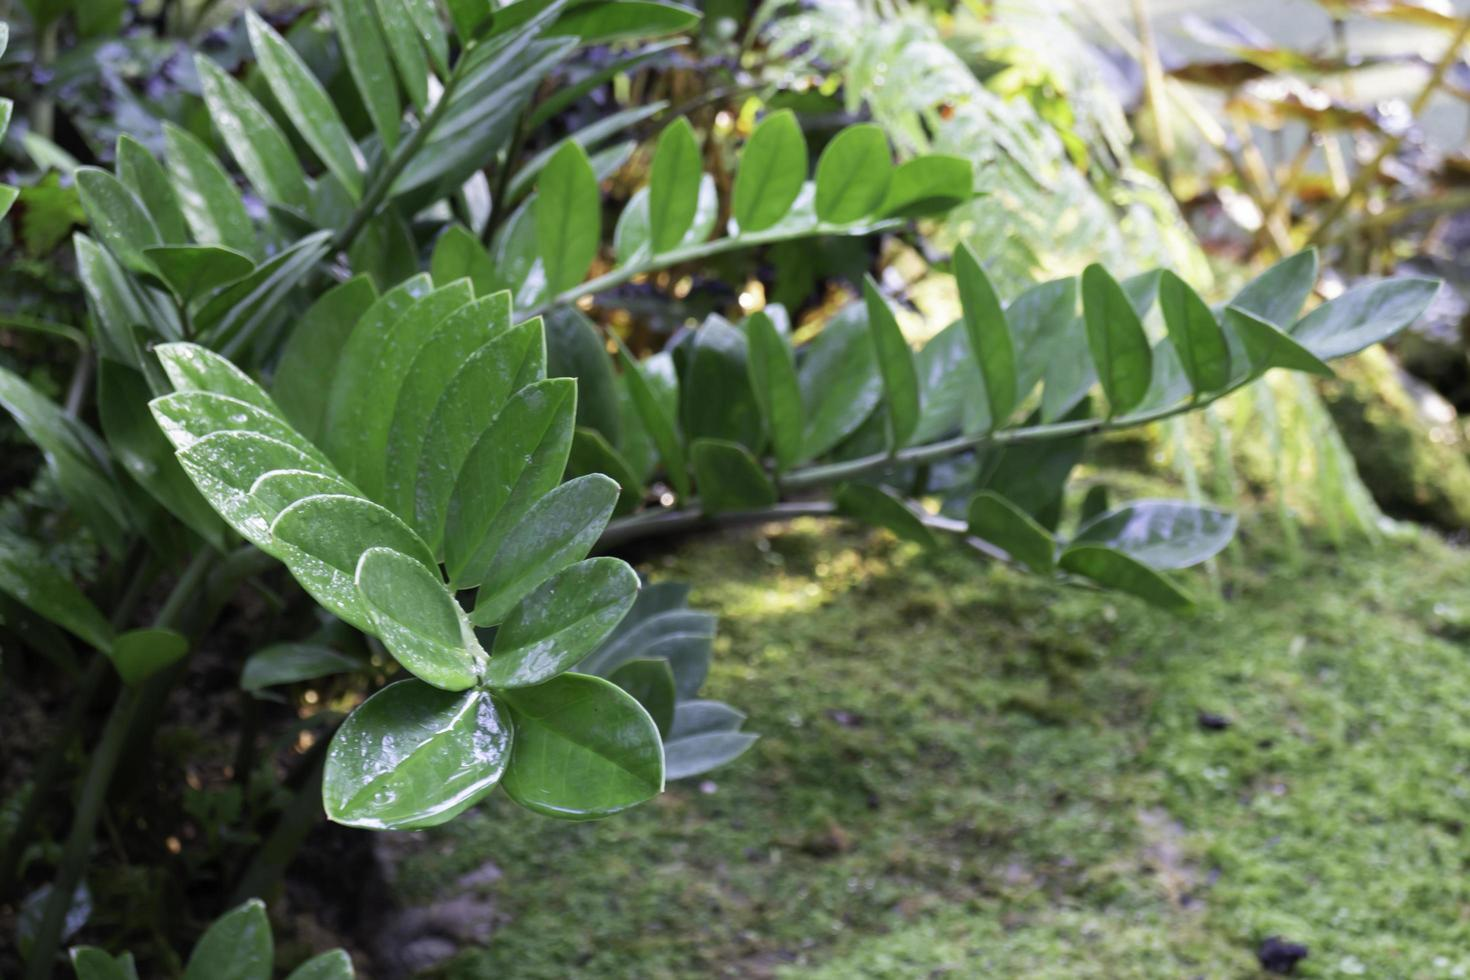 wasachtige bladplant in de tuin foto